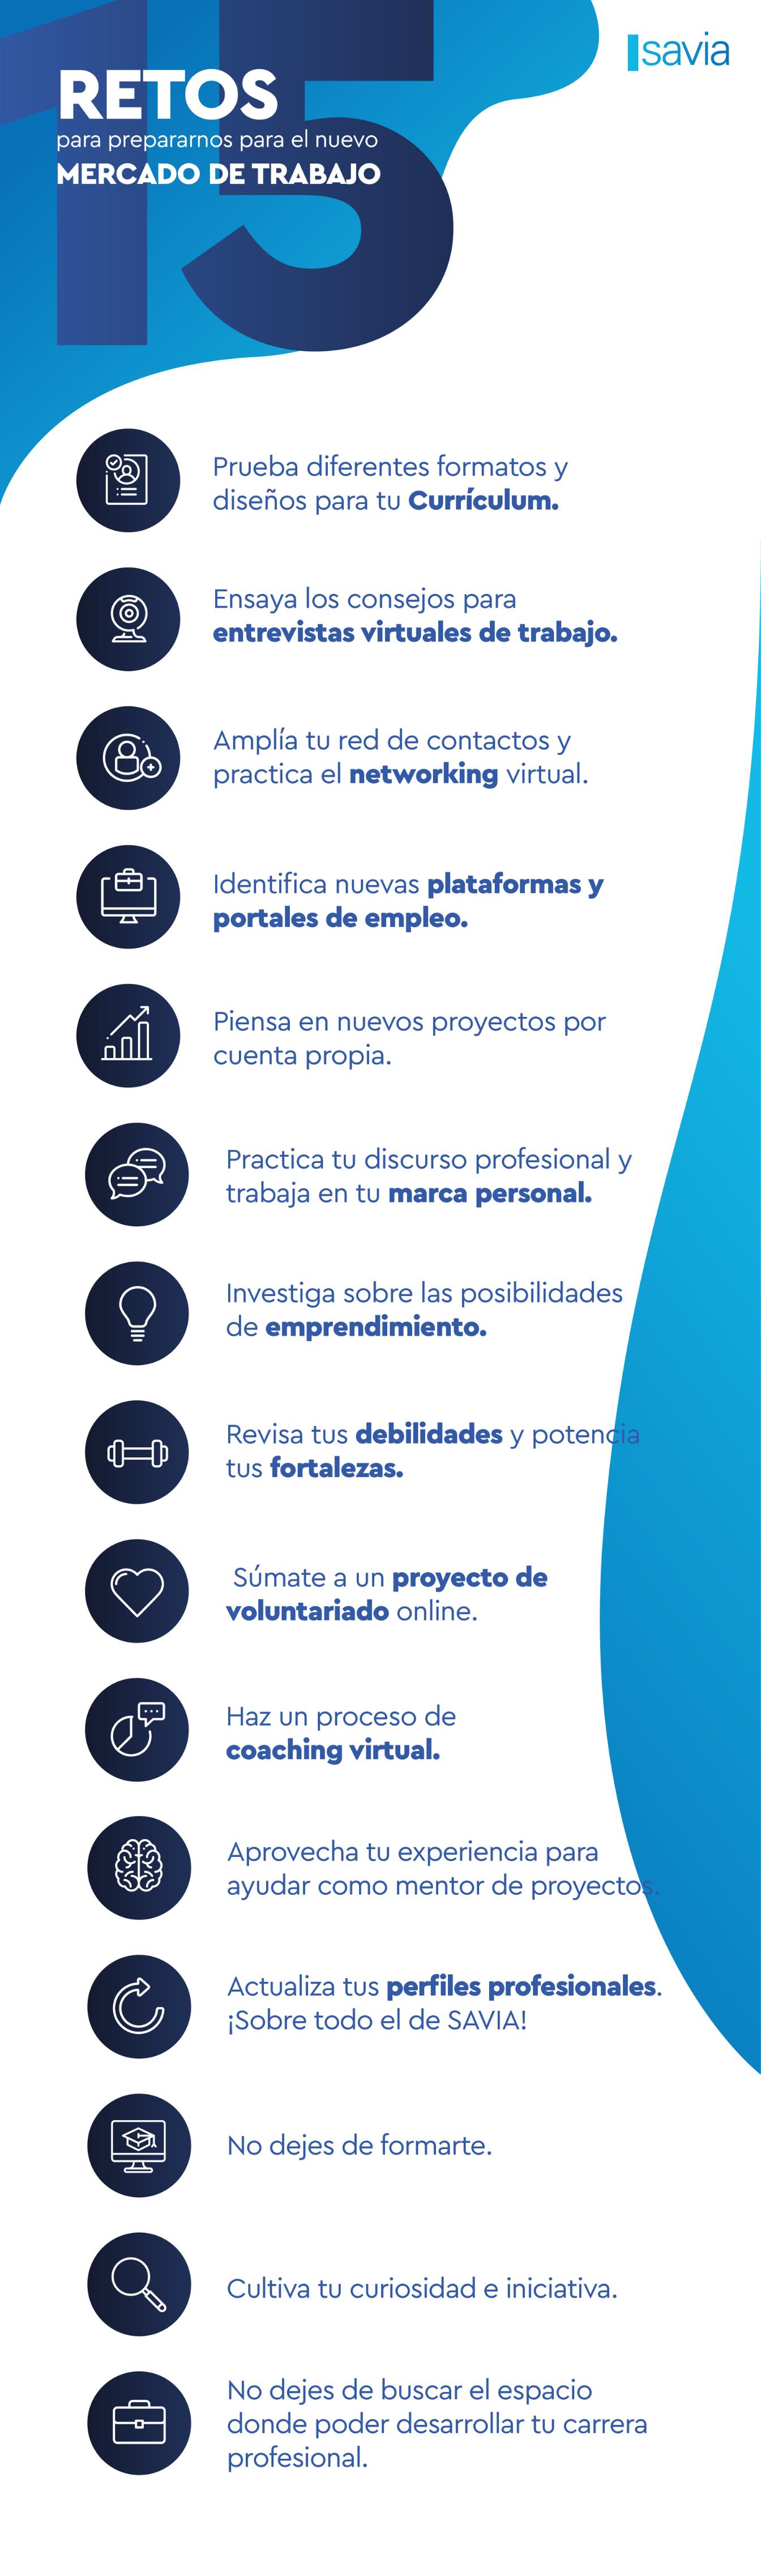 15-retos-nuevo-mercado-de-trabajo-generacion-savia